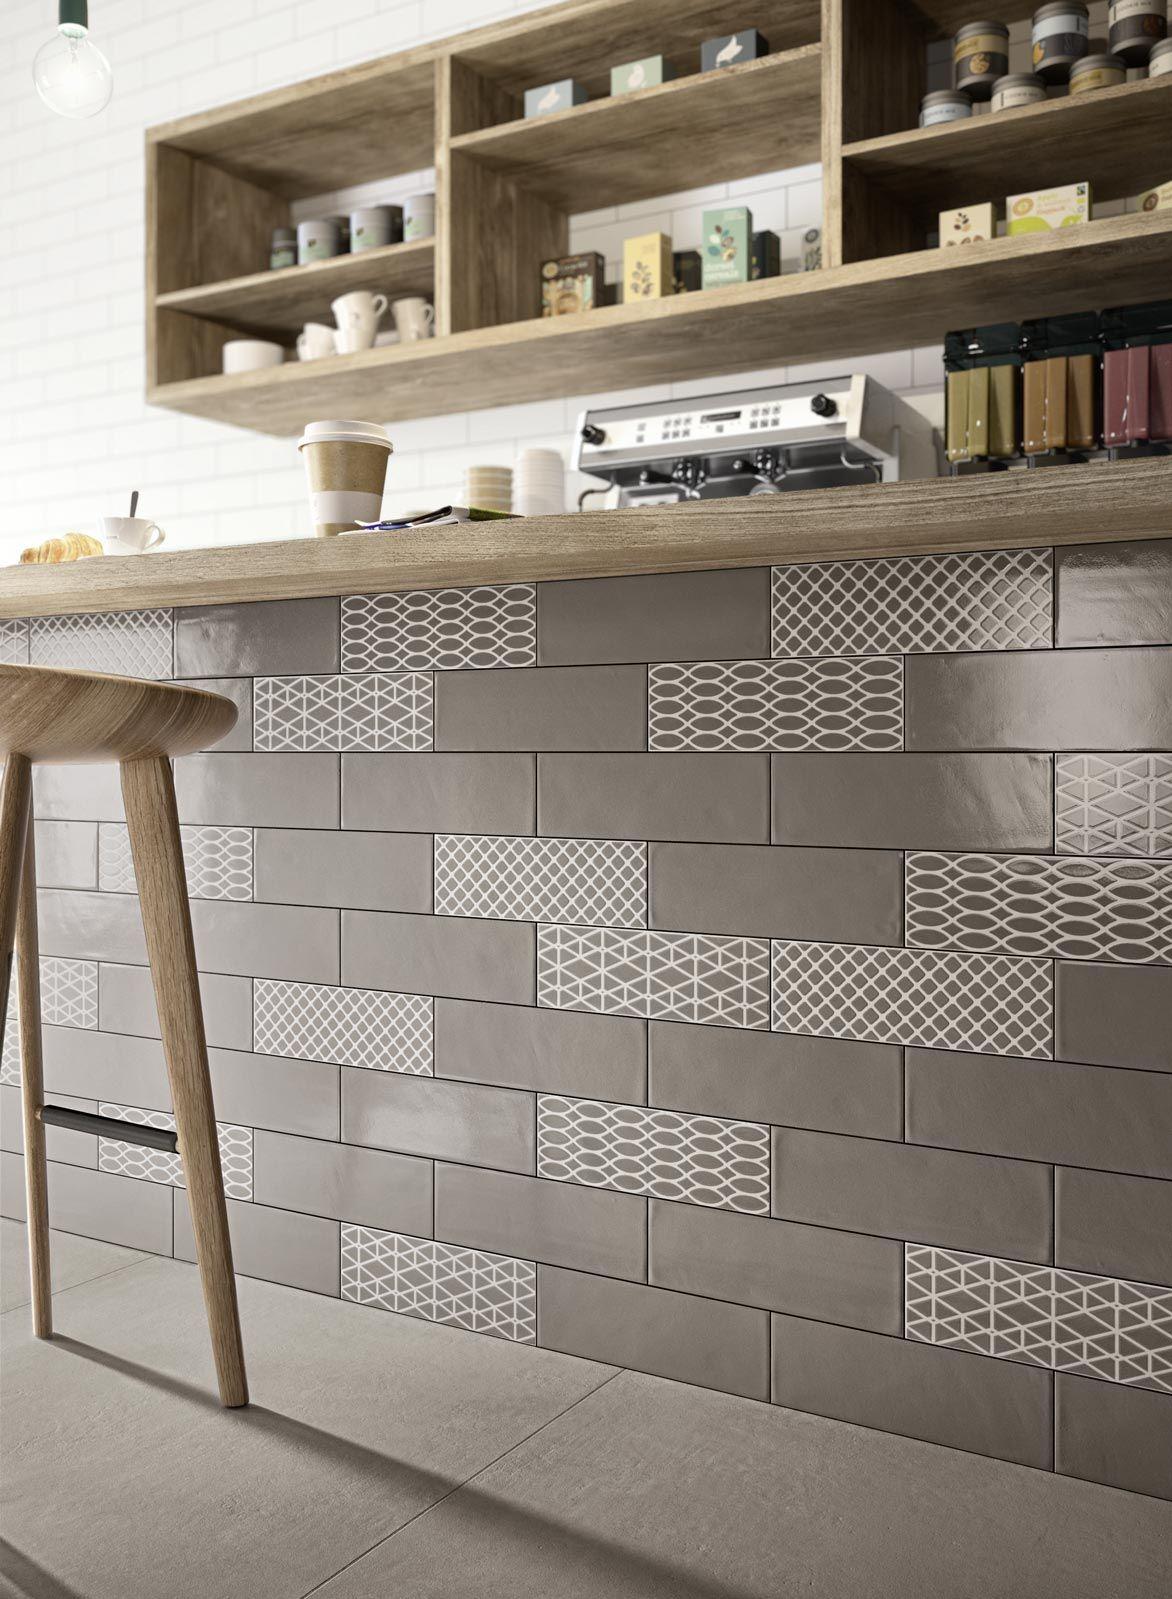 Brick Glossy – rivestimenti in ceramica per cucina ragno | Martini ...